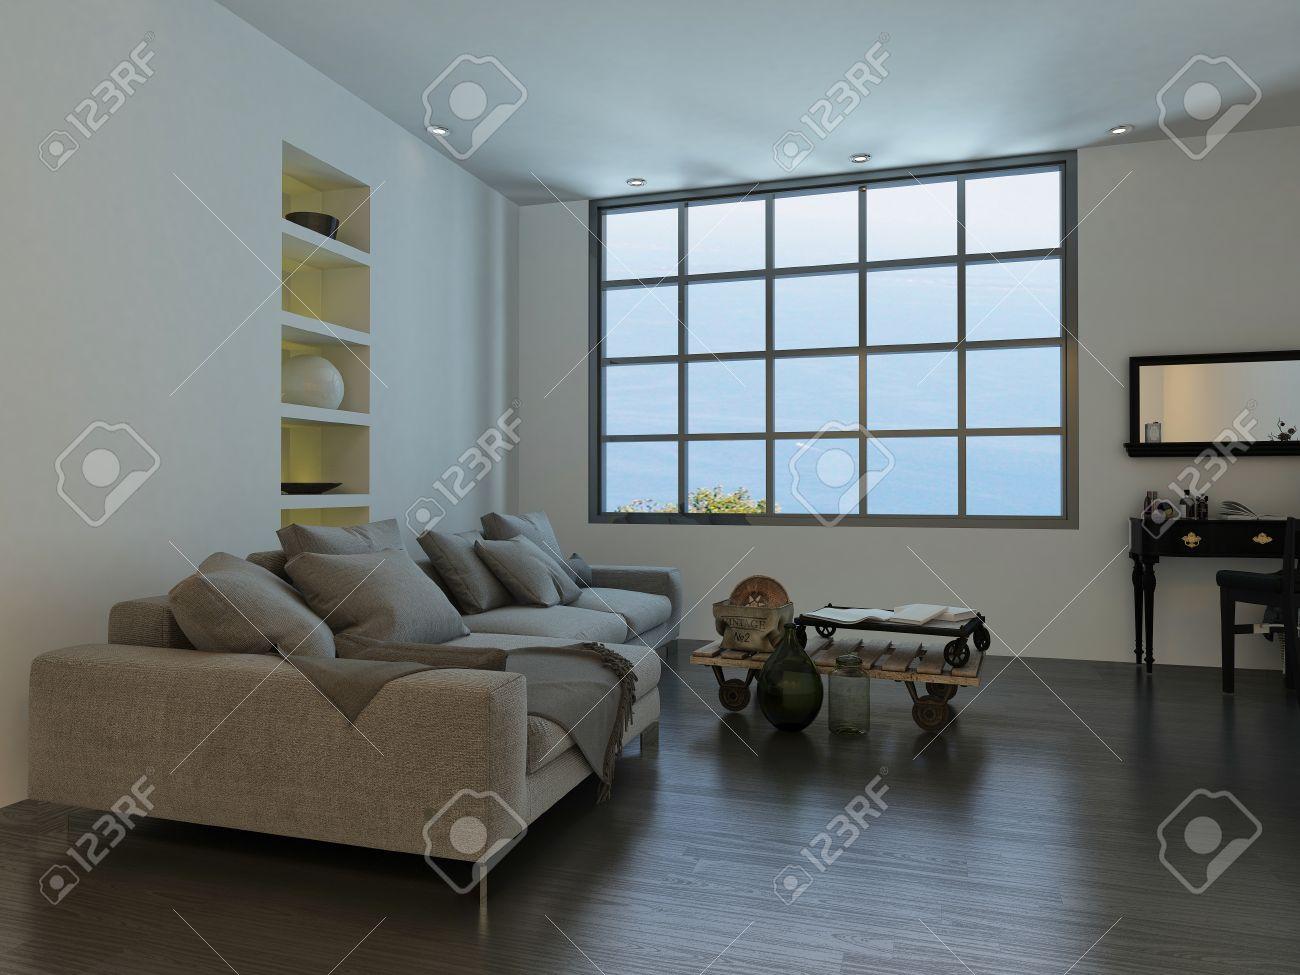 Soggiorno con una finestra grande cottage riquadro stile e un ...